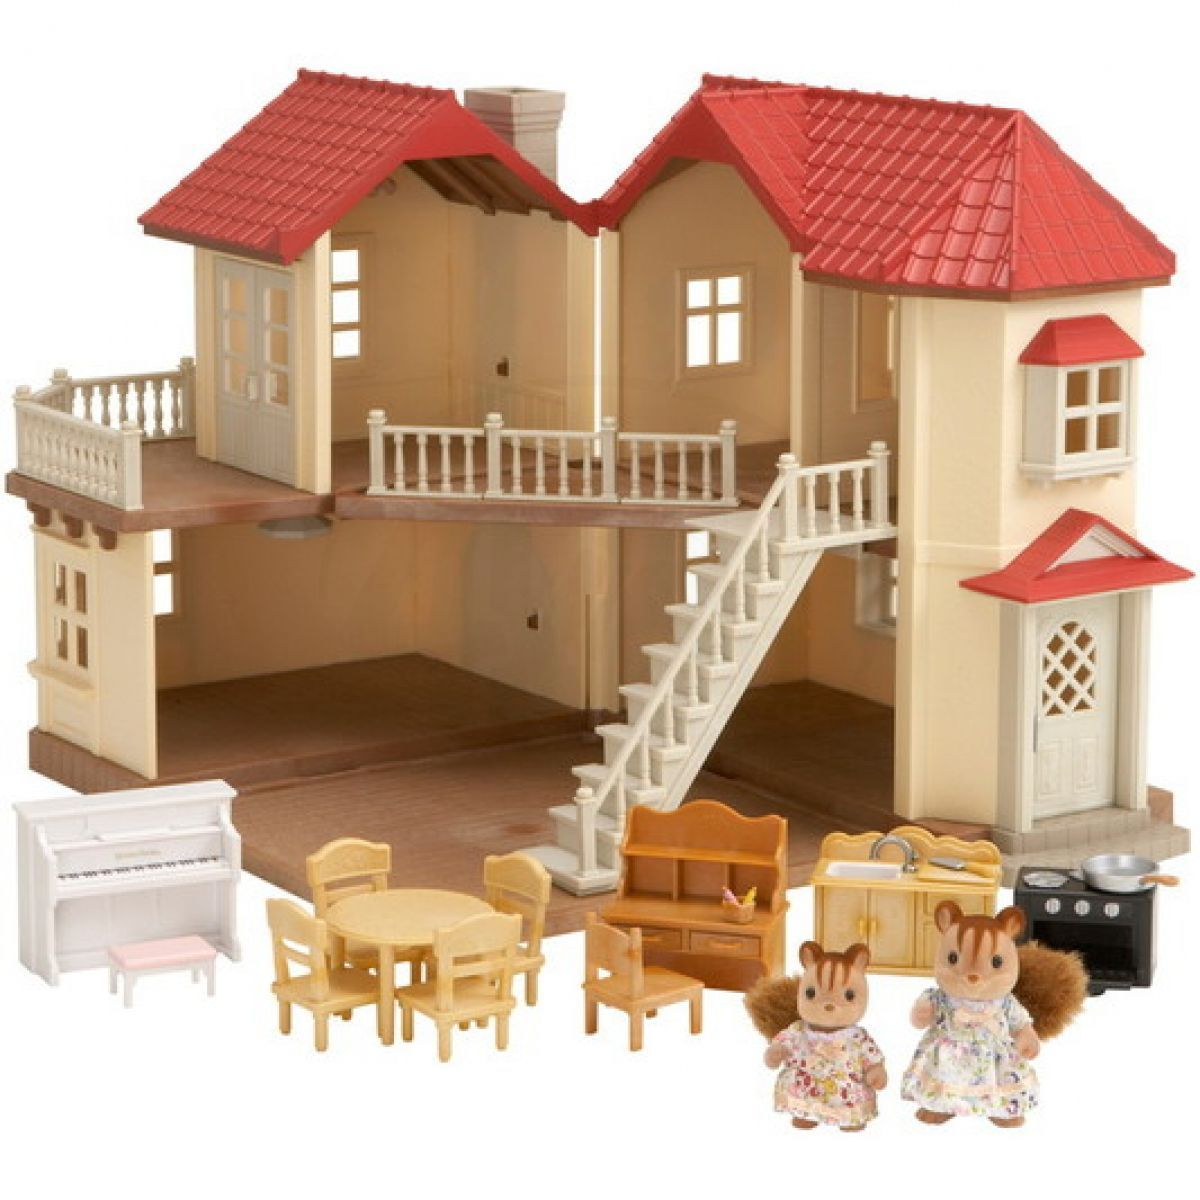 Sylvanian Families Dárkový set Městský dům se světly a příslušenstvím D